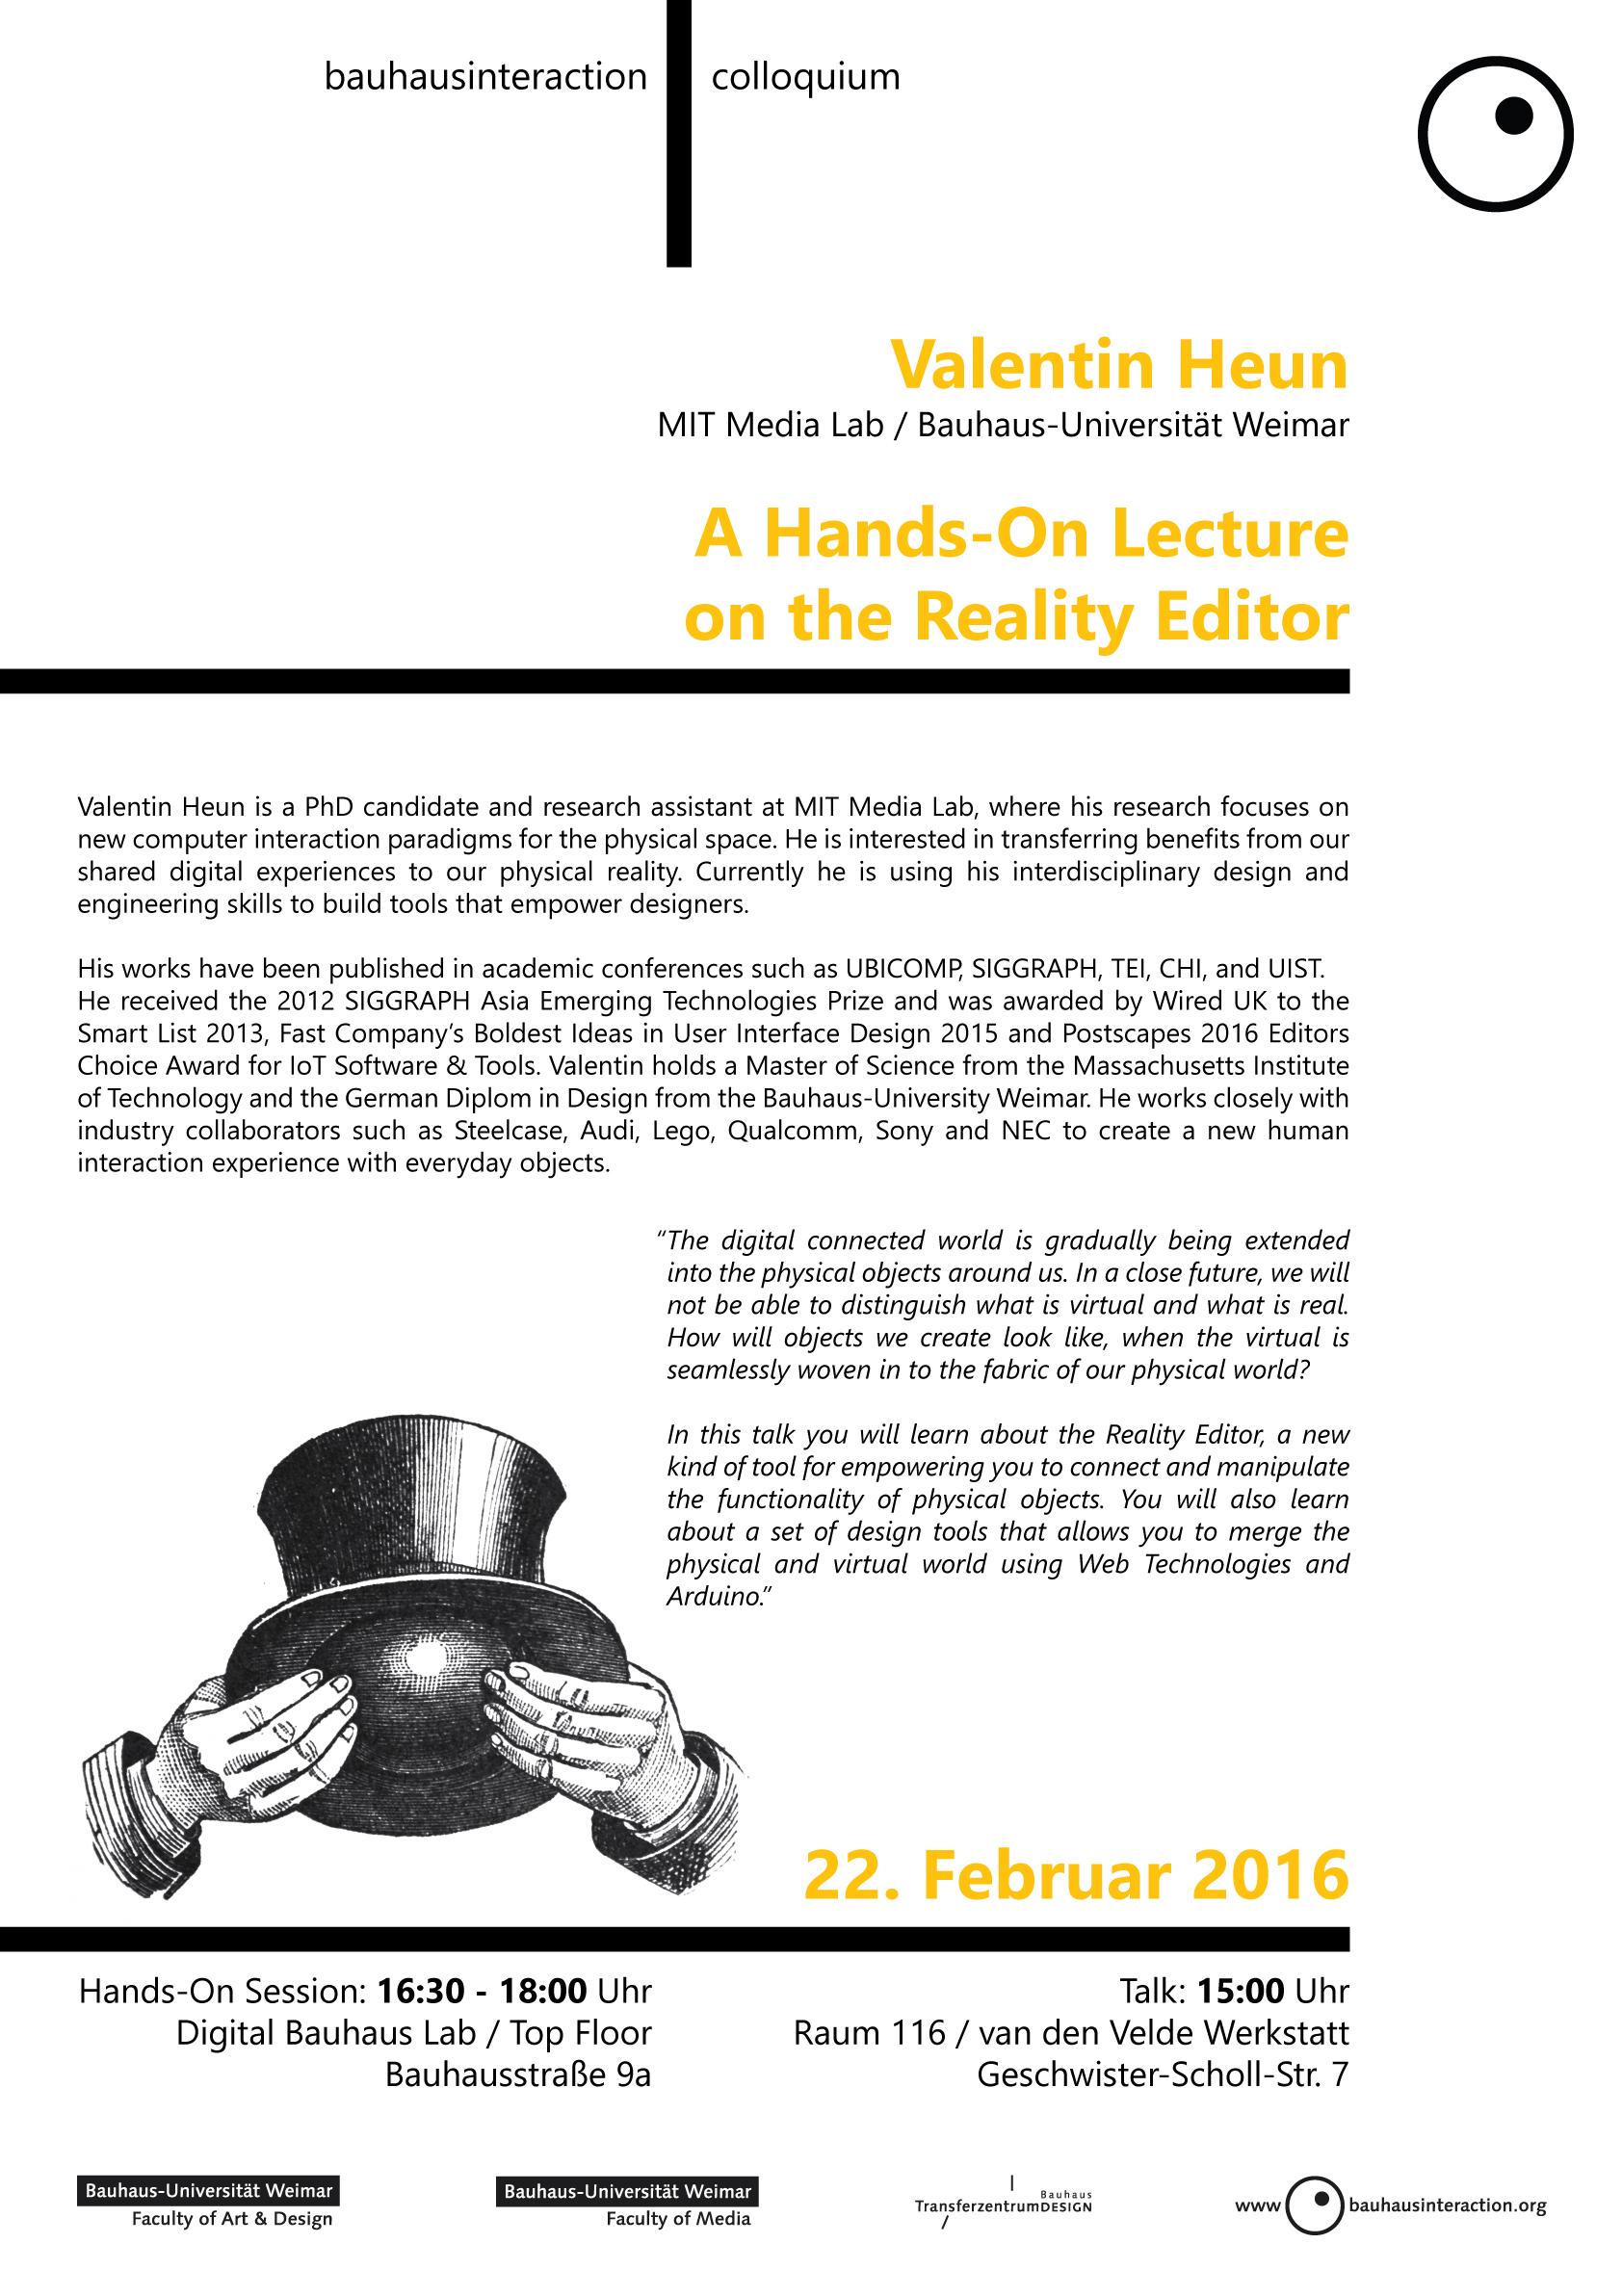 Talk Valentin Heun